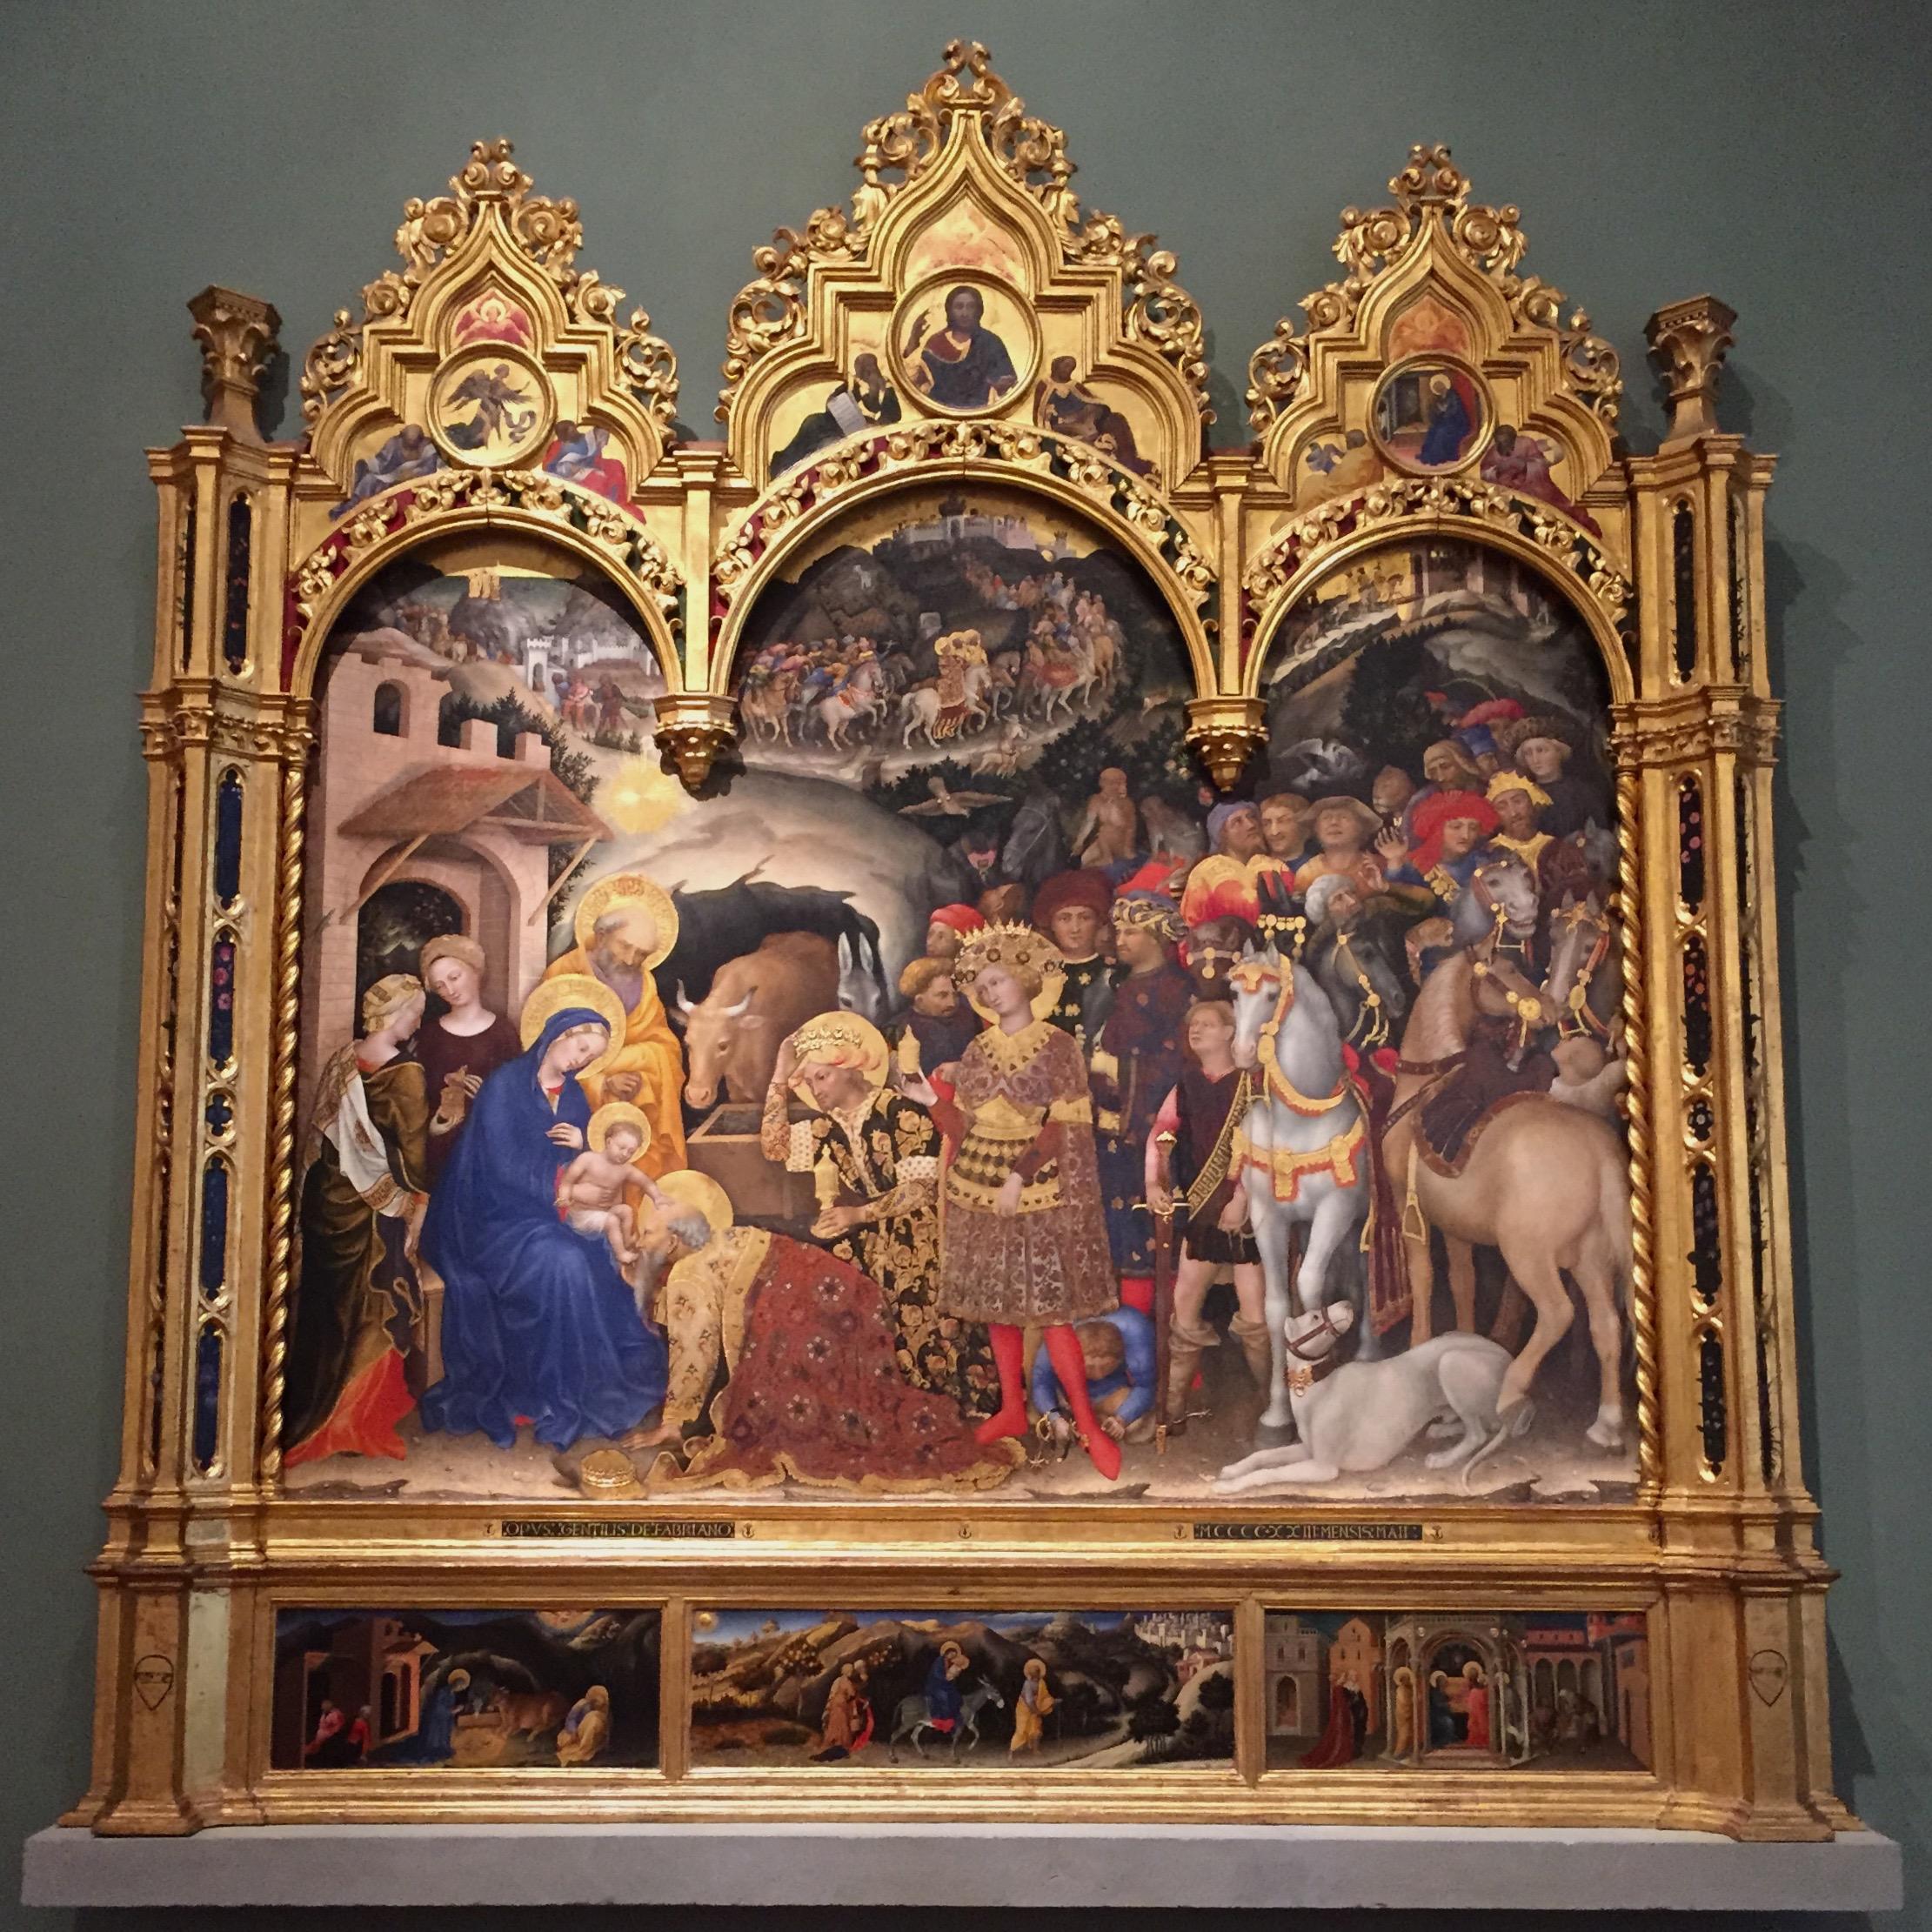 Gentile da Fabriano, The Adoration of the Magi, 1423, Tempera